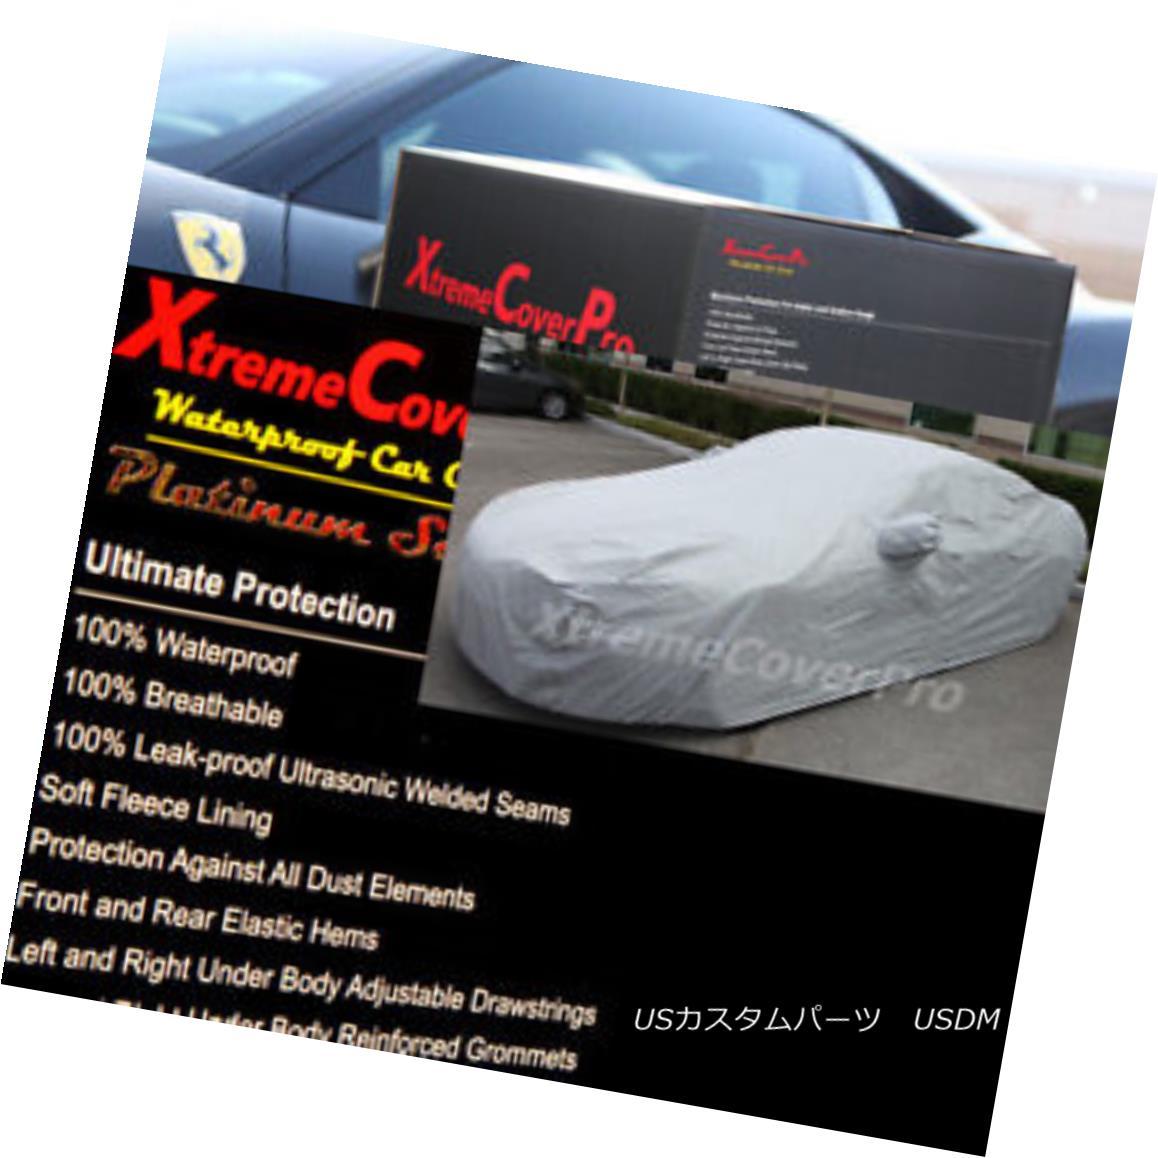 カーカバー 2014 SUBARU Impreza Impreza WRX Sedan Waterproof Car Cover w/ Mirror Pocket 2014スバルインプレッサインプレッサWRXセダン防水カーカバー(ミラーポケット付)